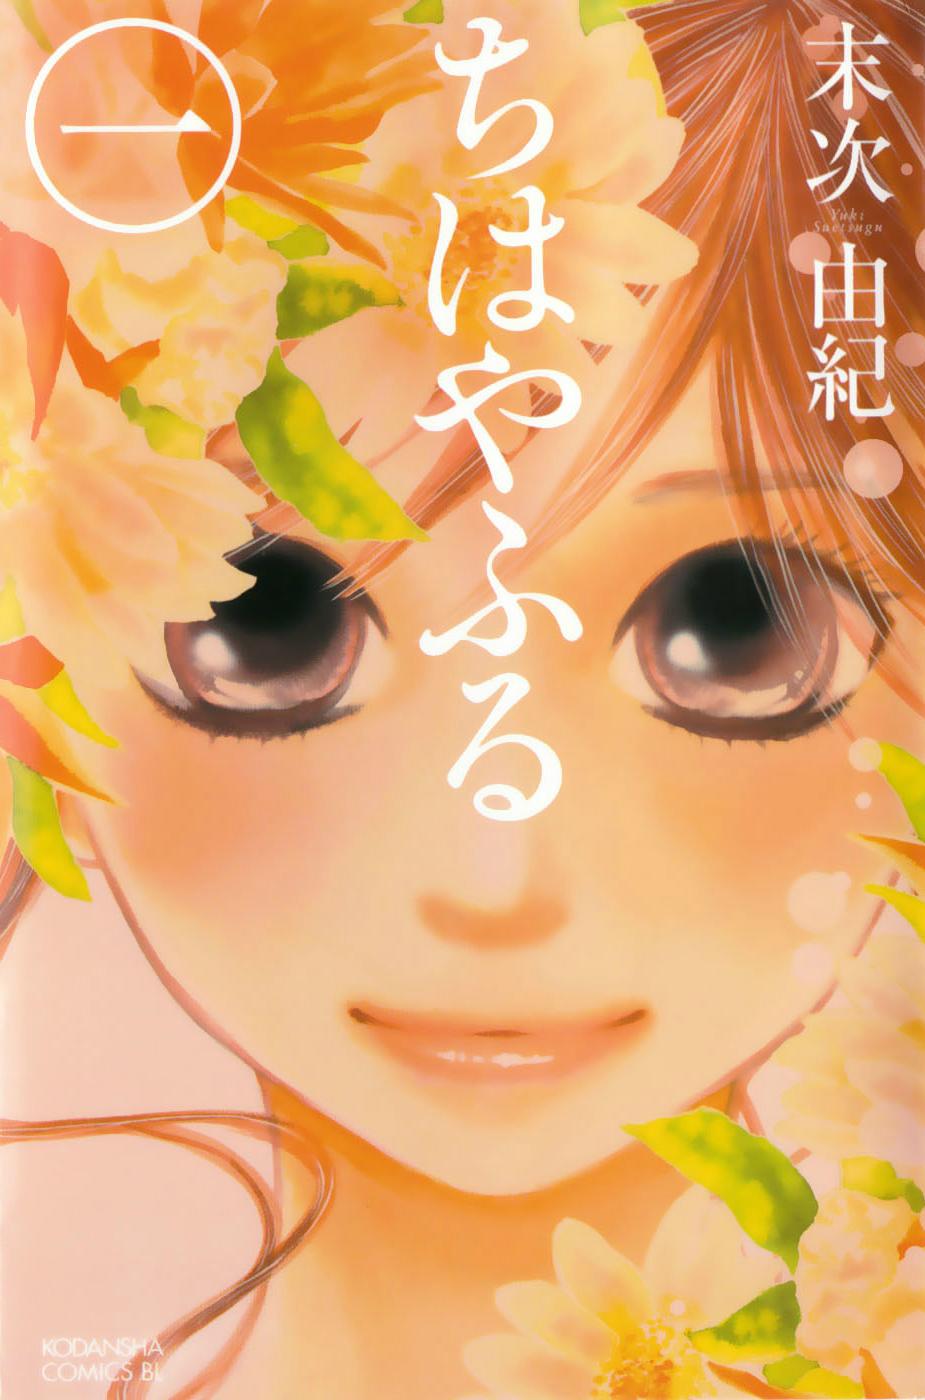 Chihayafuru manga cover volume 1